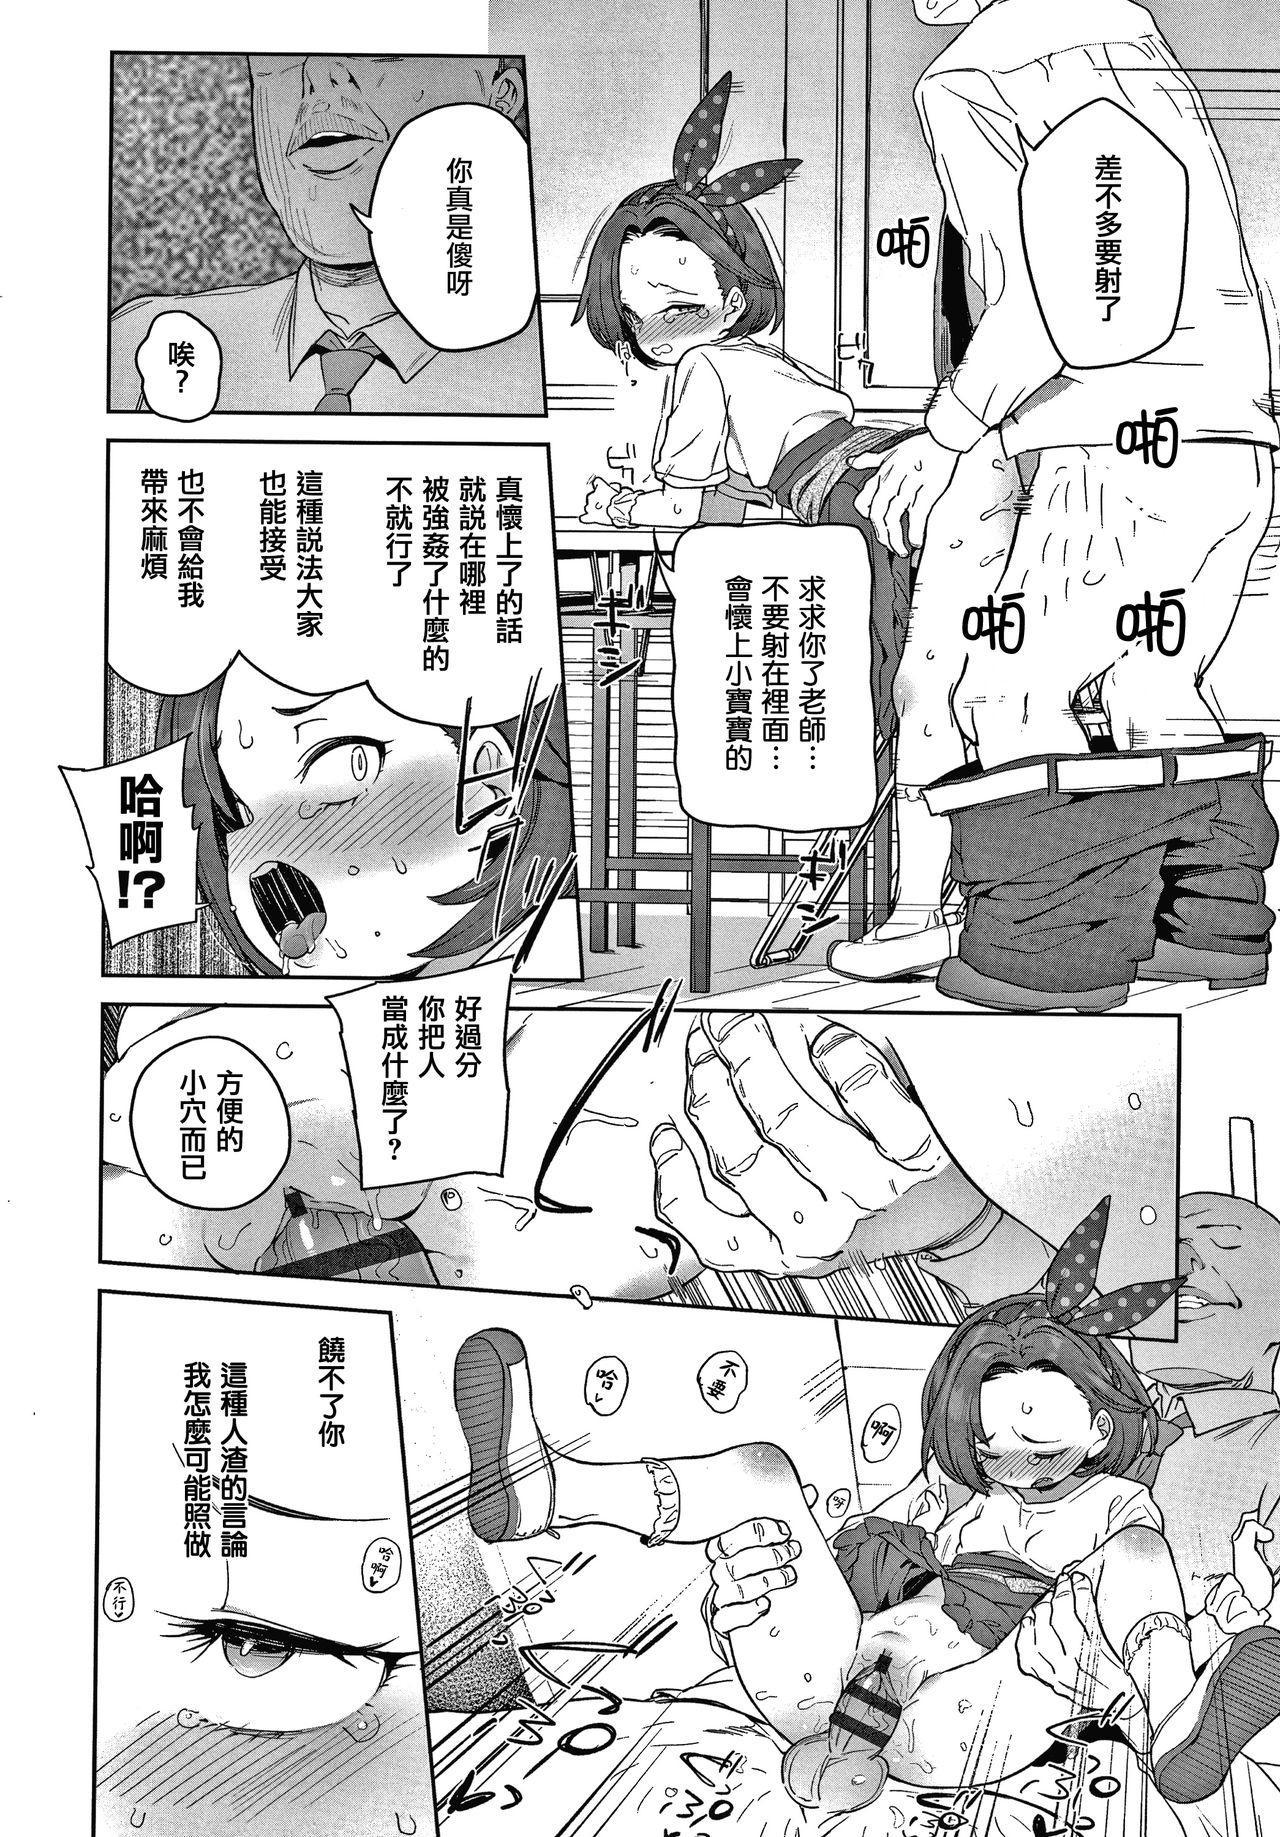 Tsugou ga Yokute Kawaii Mesu. 11